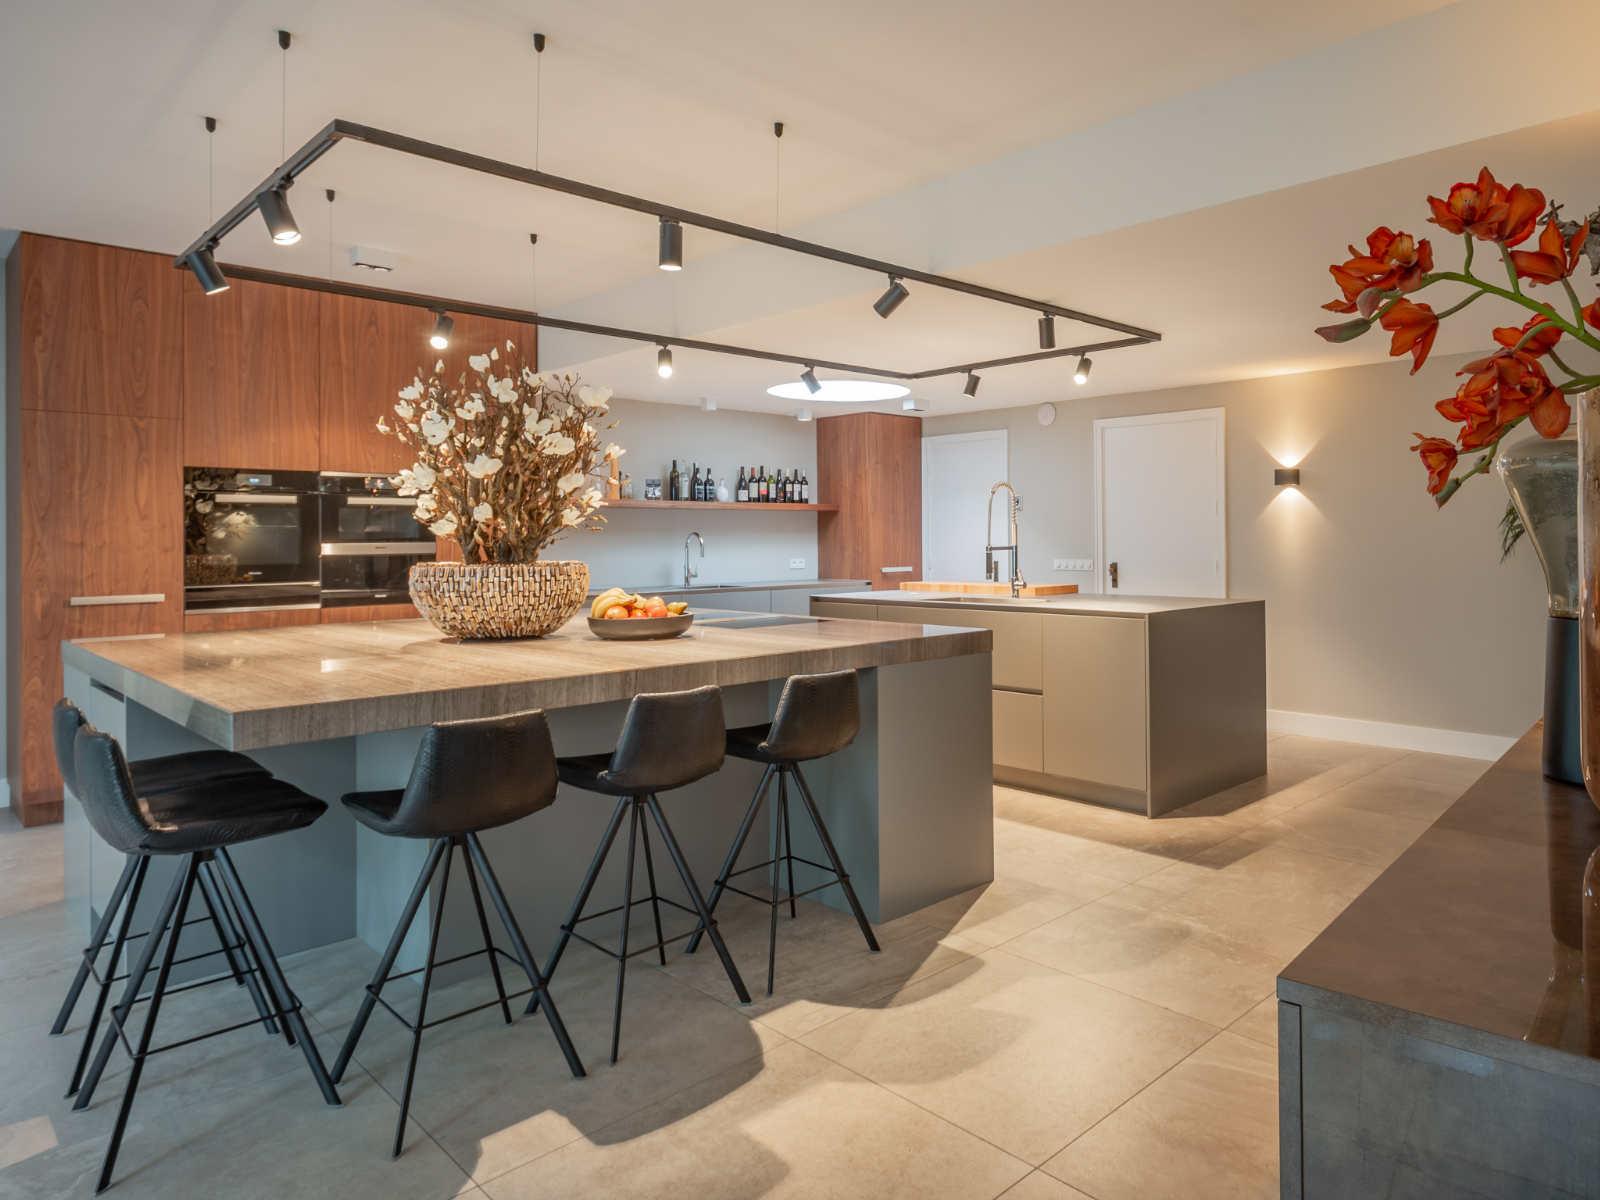 17101 Van Van Voort keuken compleet 1600-1200